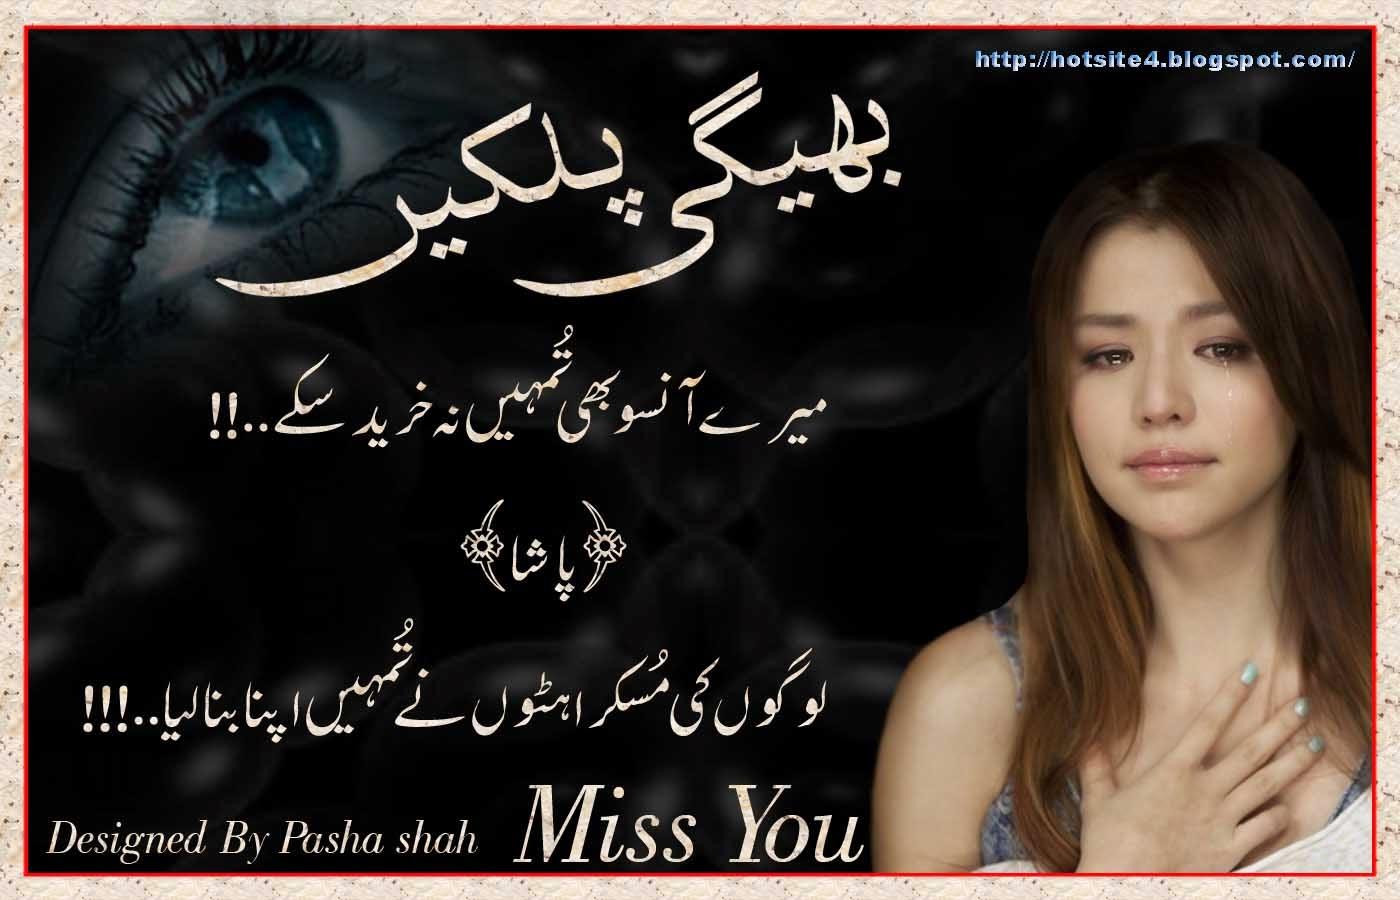 Urdu Sad Poetry 2014 HD Wallpapers   Sad Urdu Poetry HD Wallpaper 1400x900